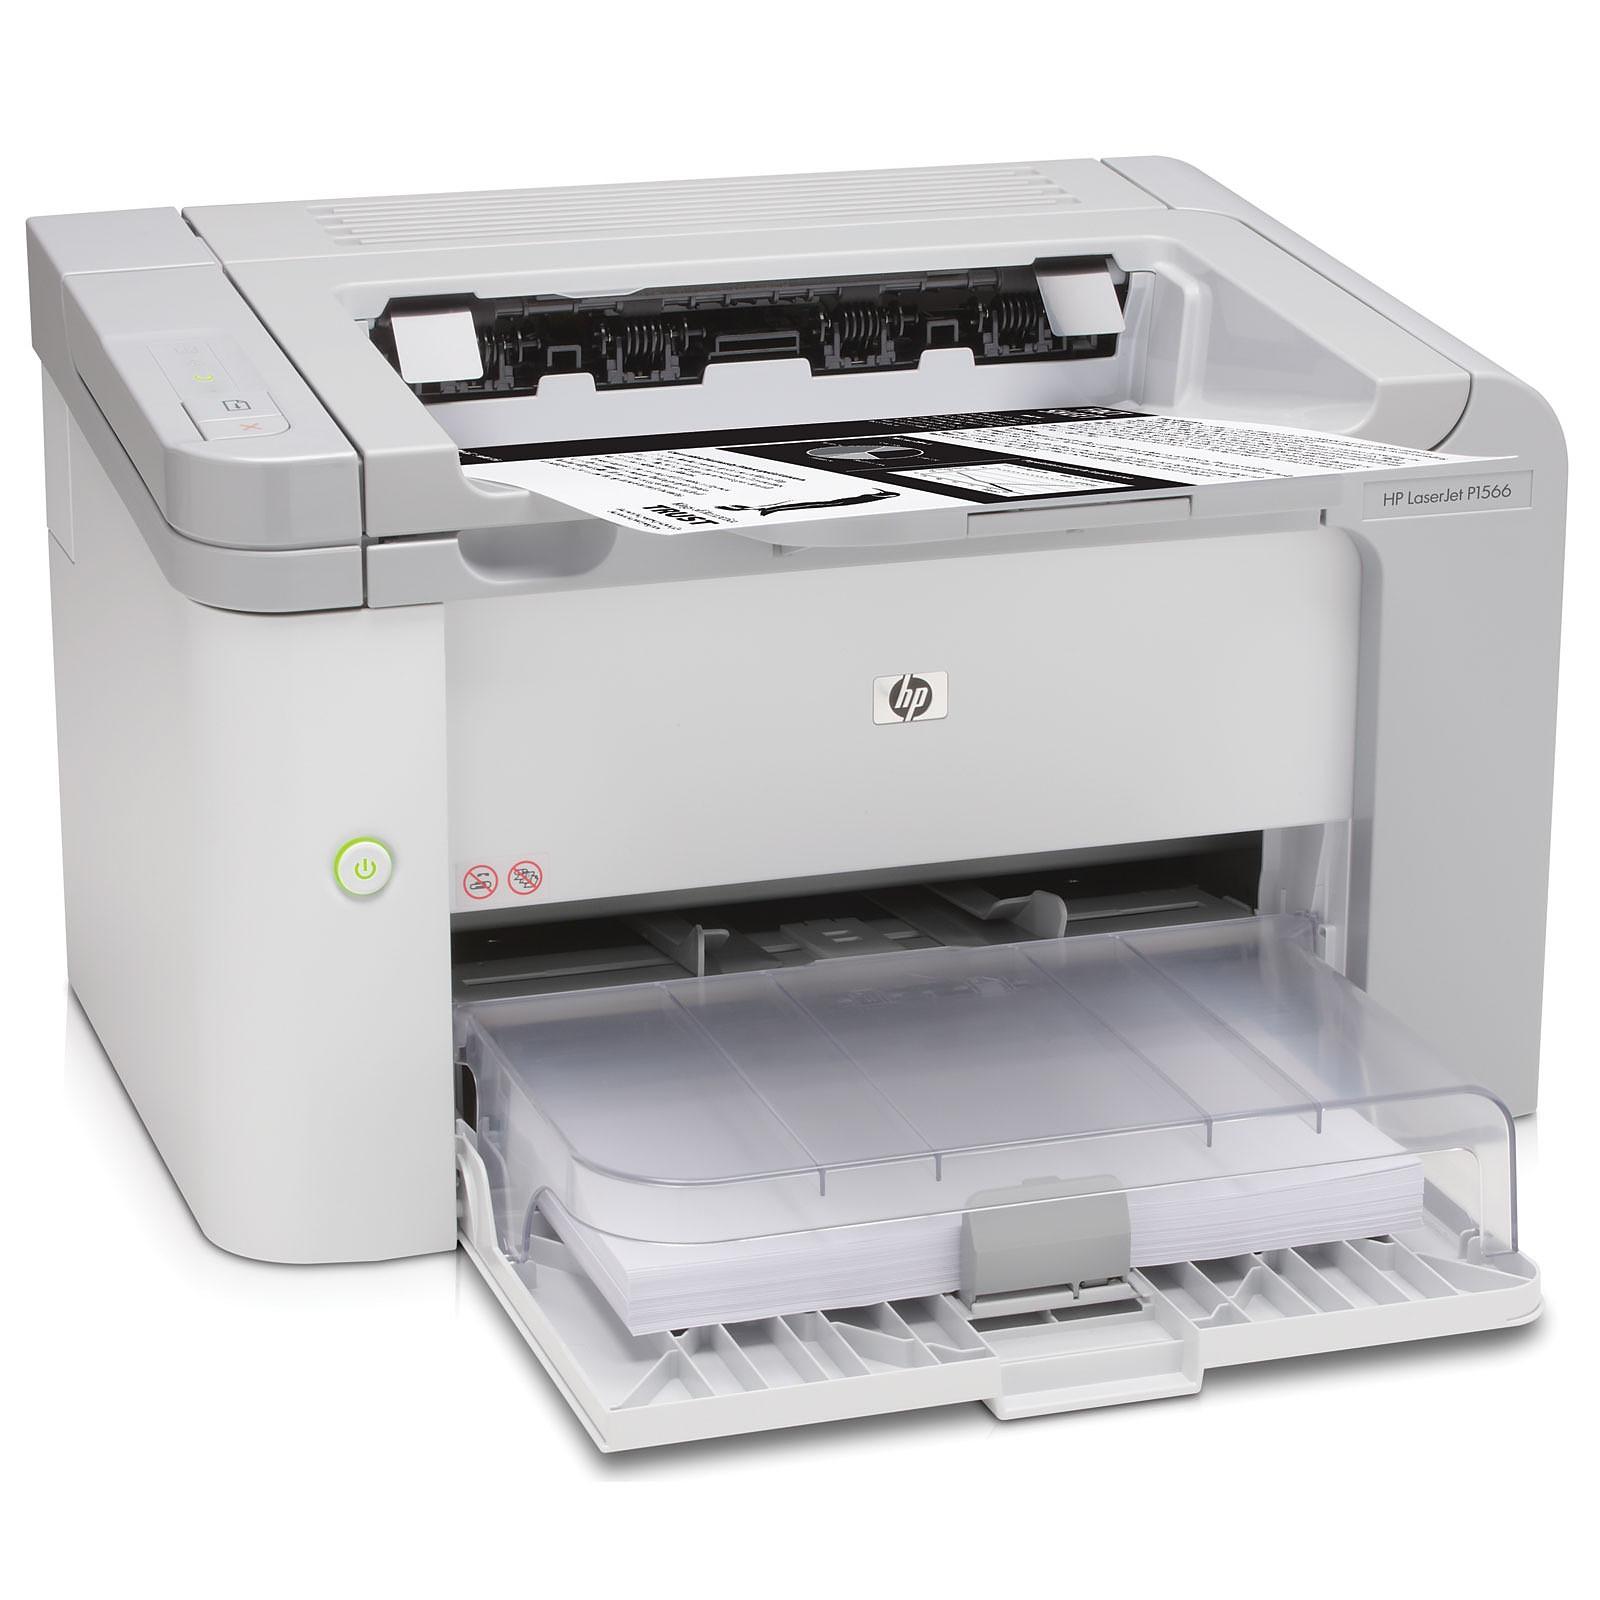 HP LaserJet ProP1566